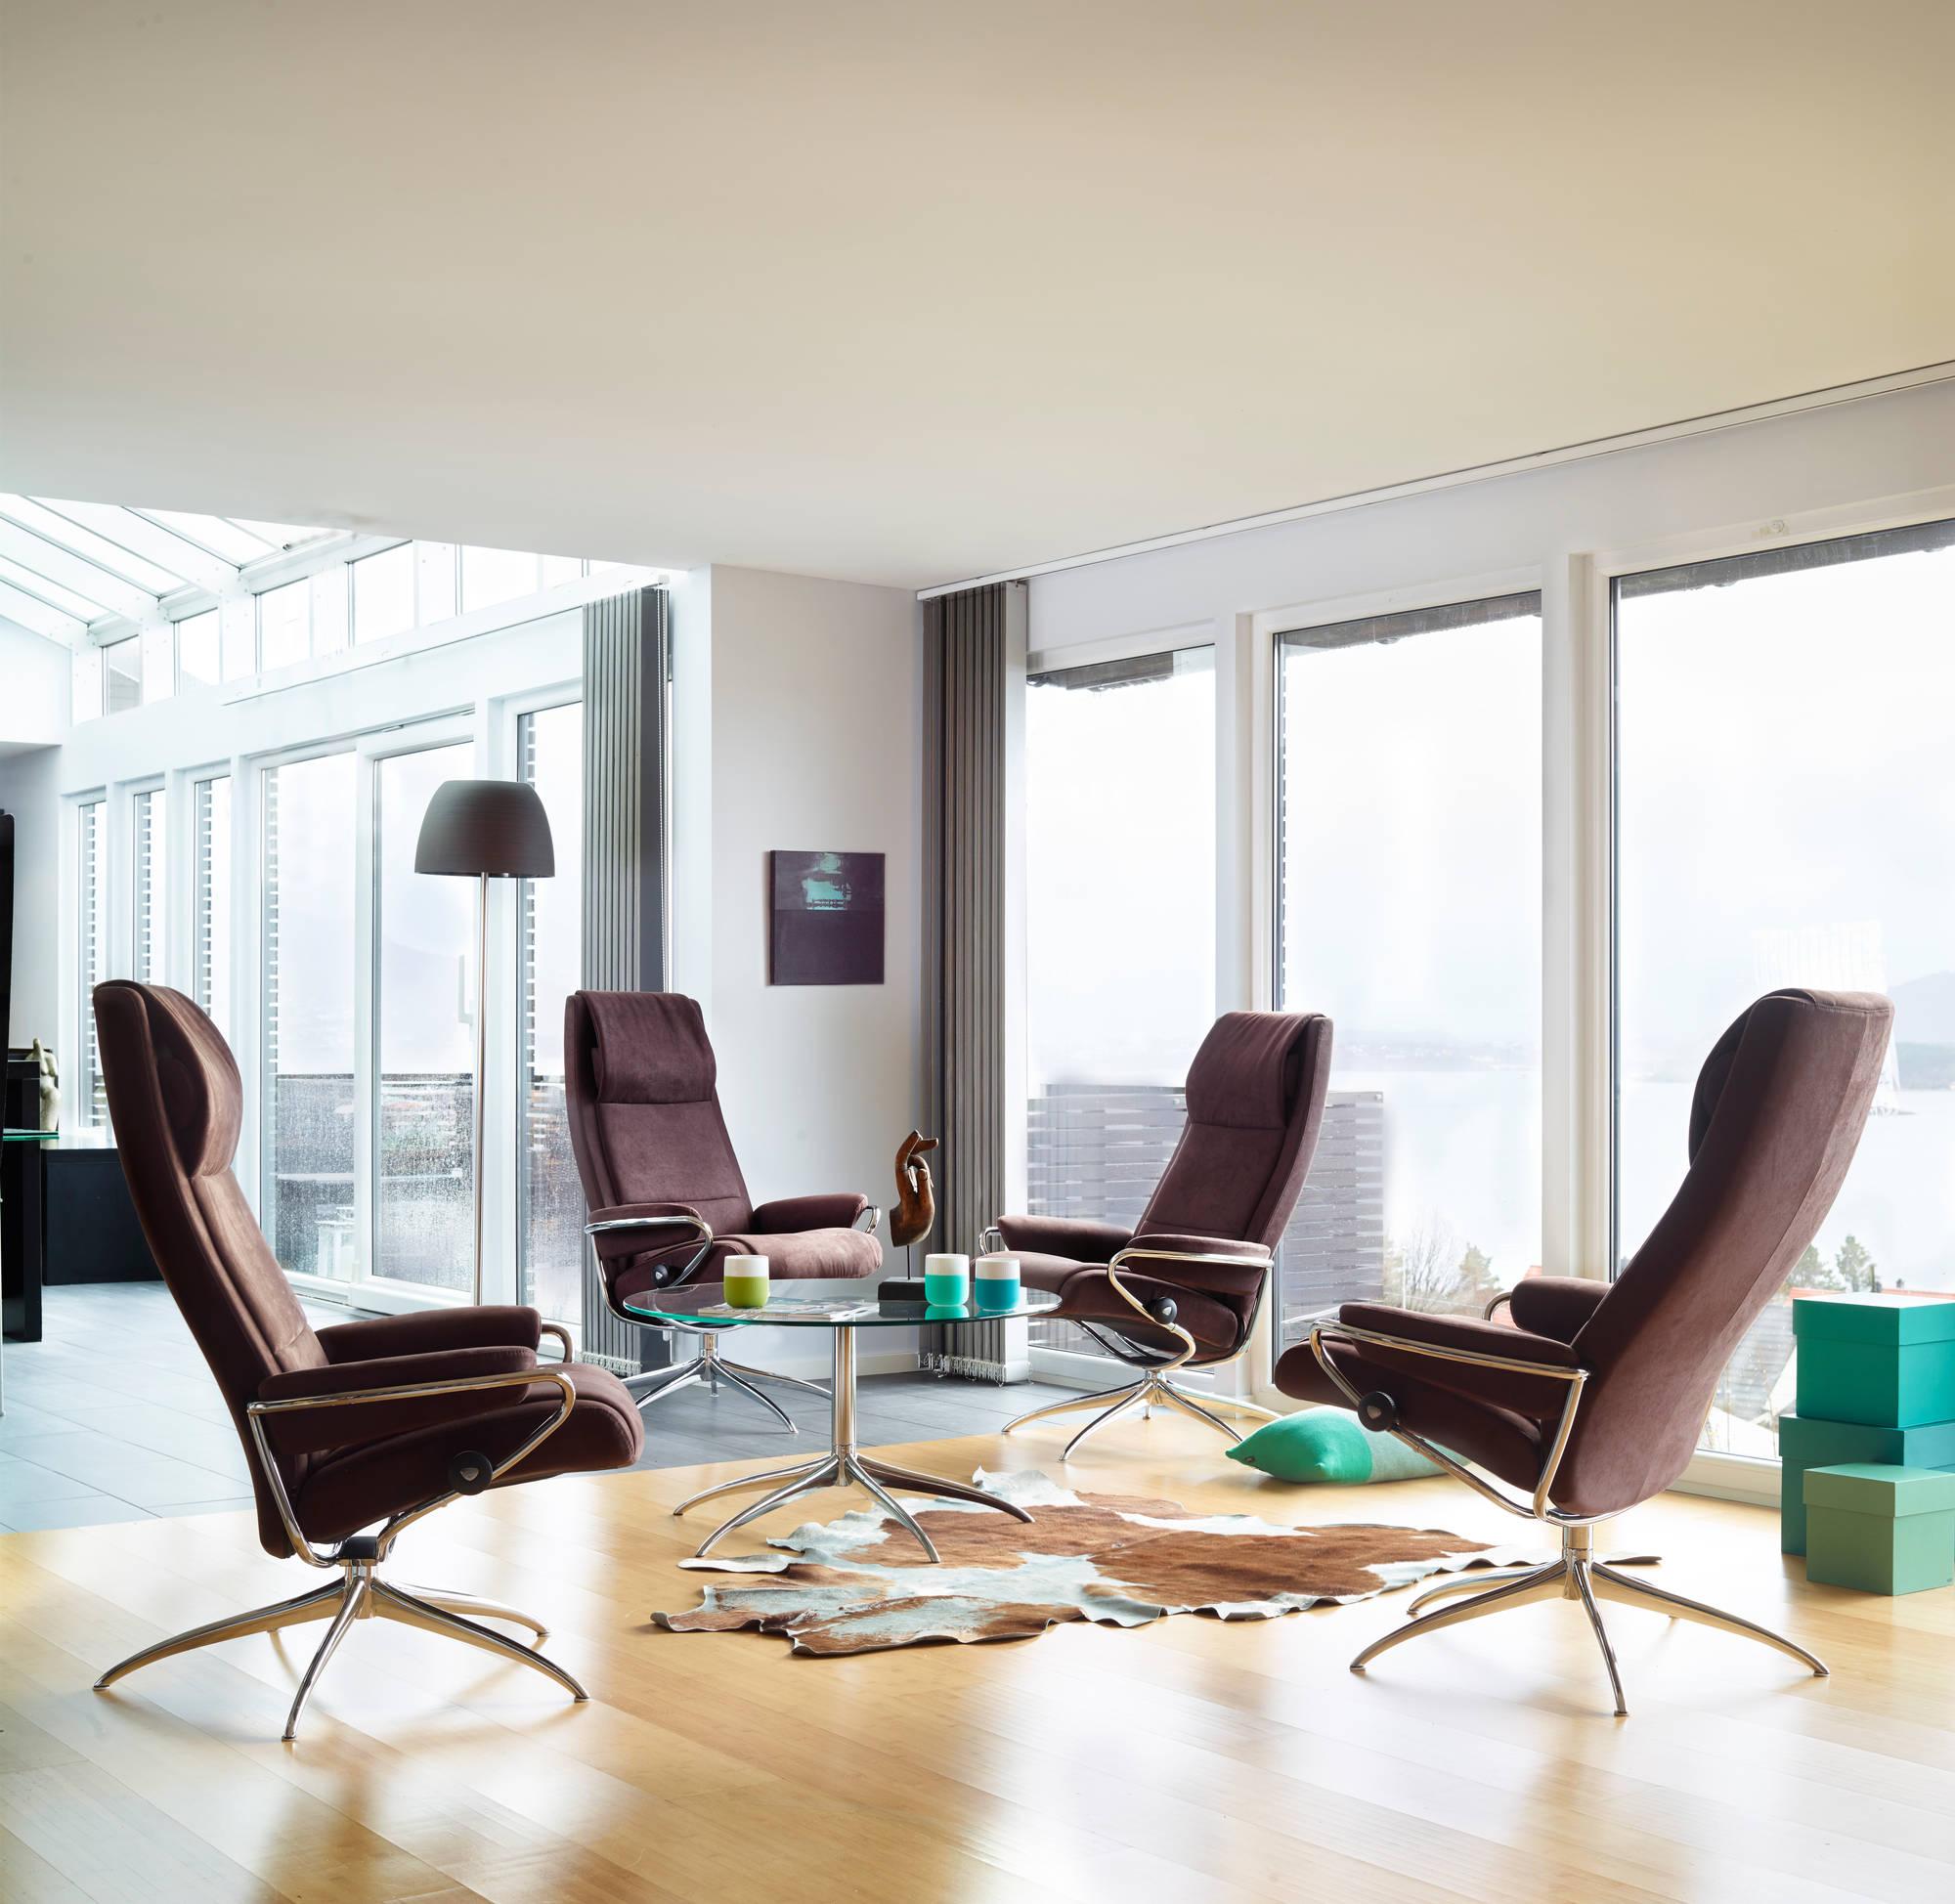 Groovy Rosenthal Interiors Stressless By Ekornes Short Links Chair Design For Home Short Linksinfo